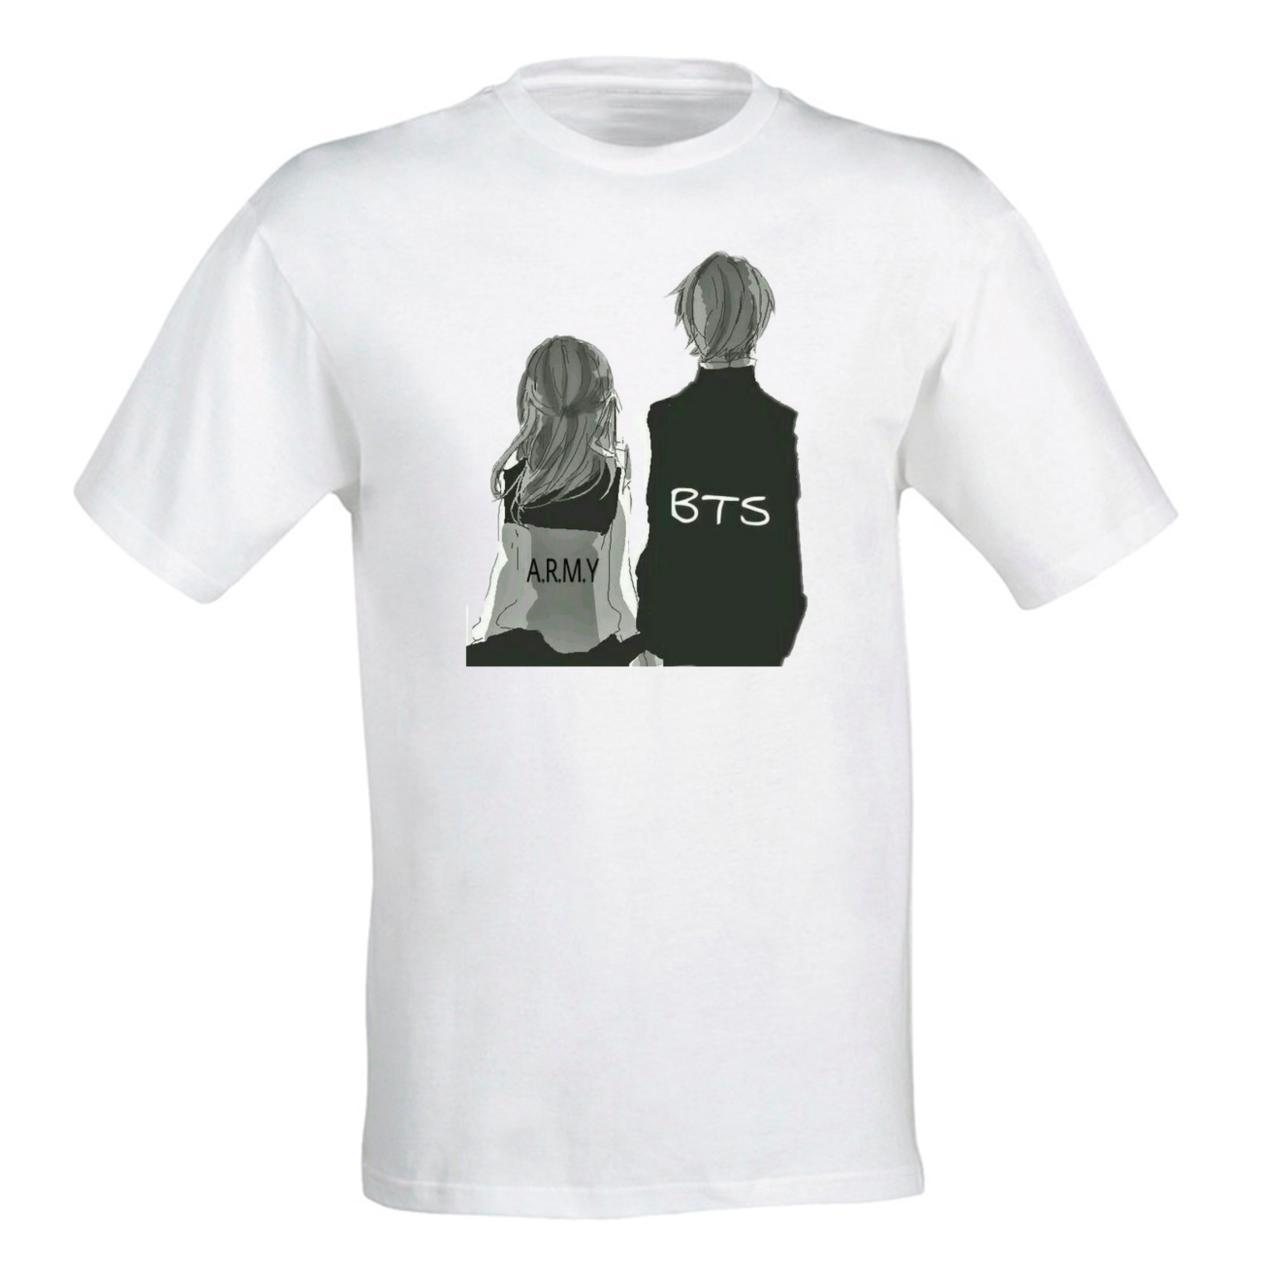 Женская футболка с принтом группы BTS и A.R.M.Y Push IT